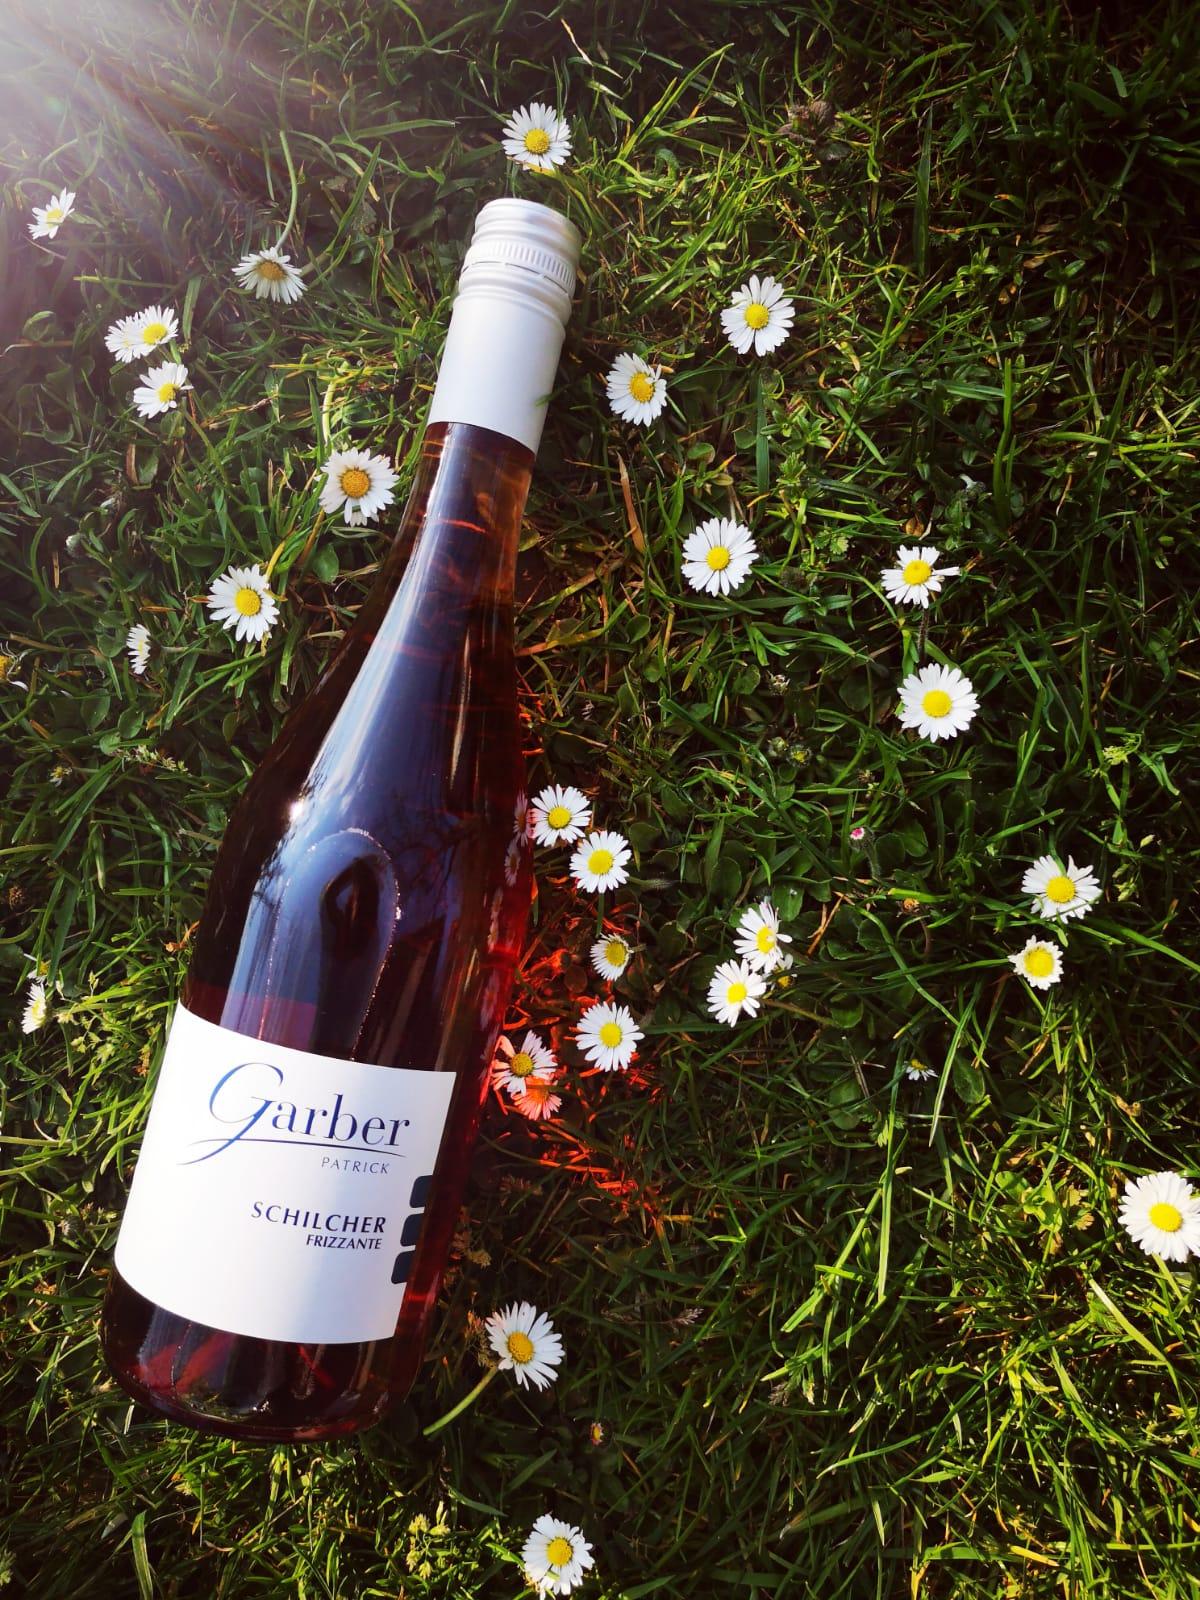 Schilcher Frizzante liegt in der Blumenwiese mit Gänseblümchen